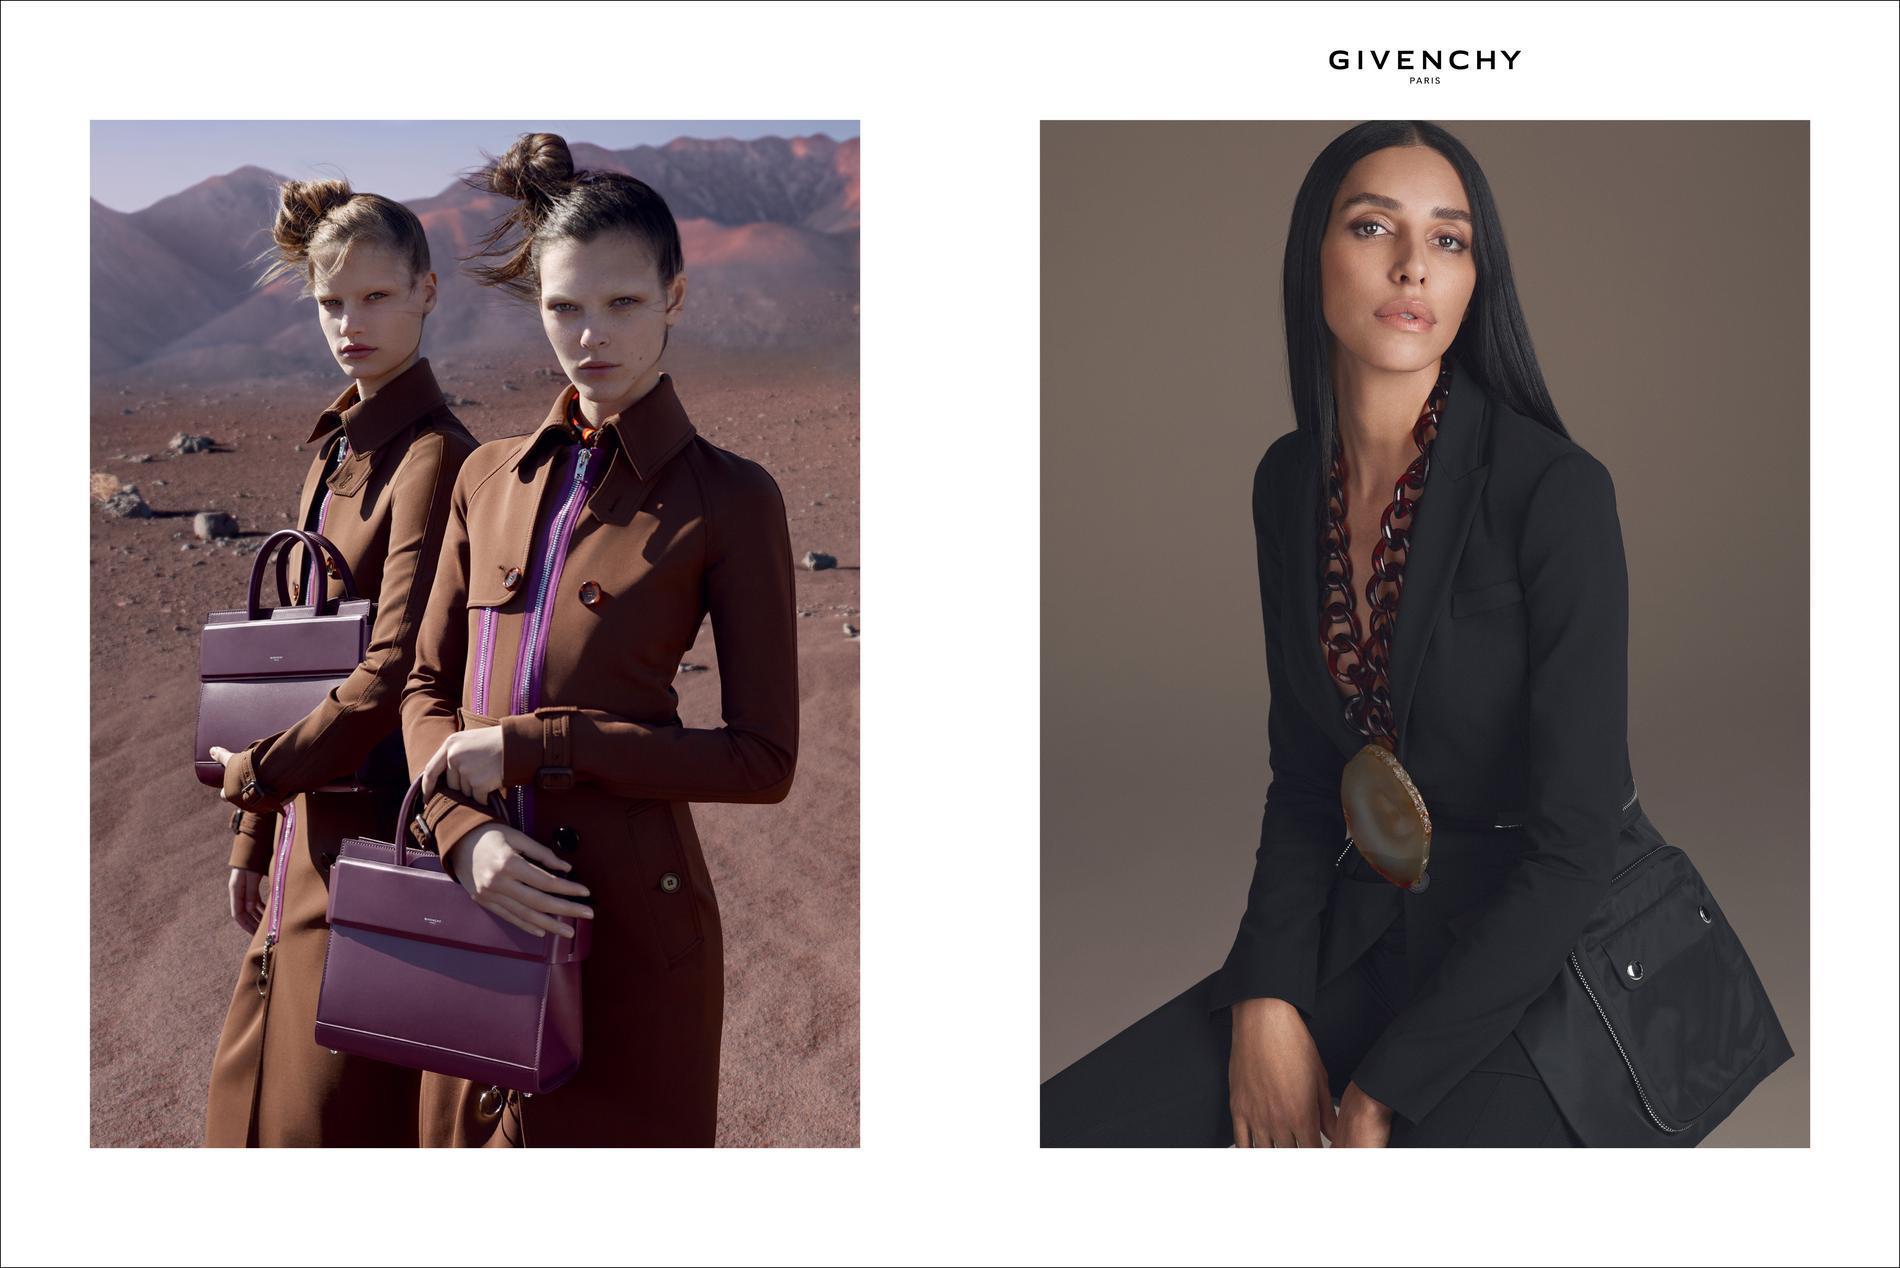 ... Les plus belles campagnes mode printemps-été 2017 - Givenchy ... a374f611d62